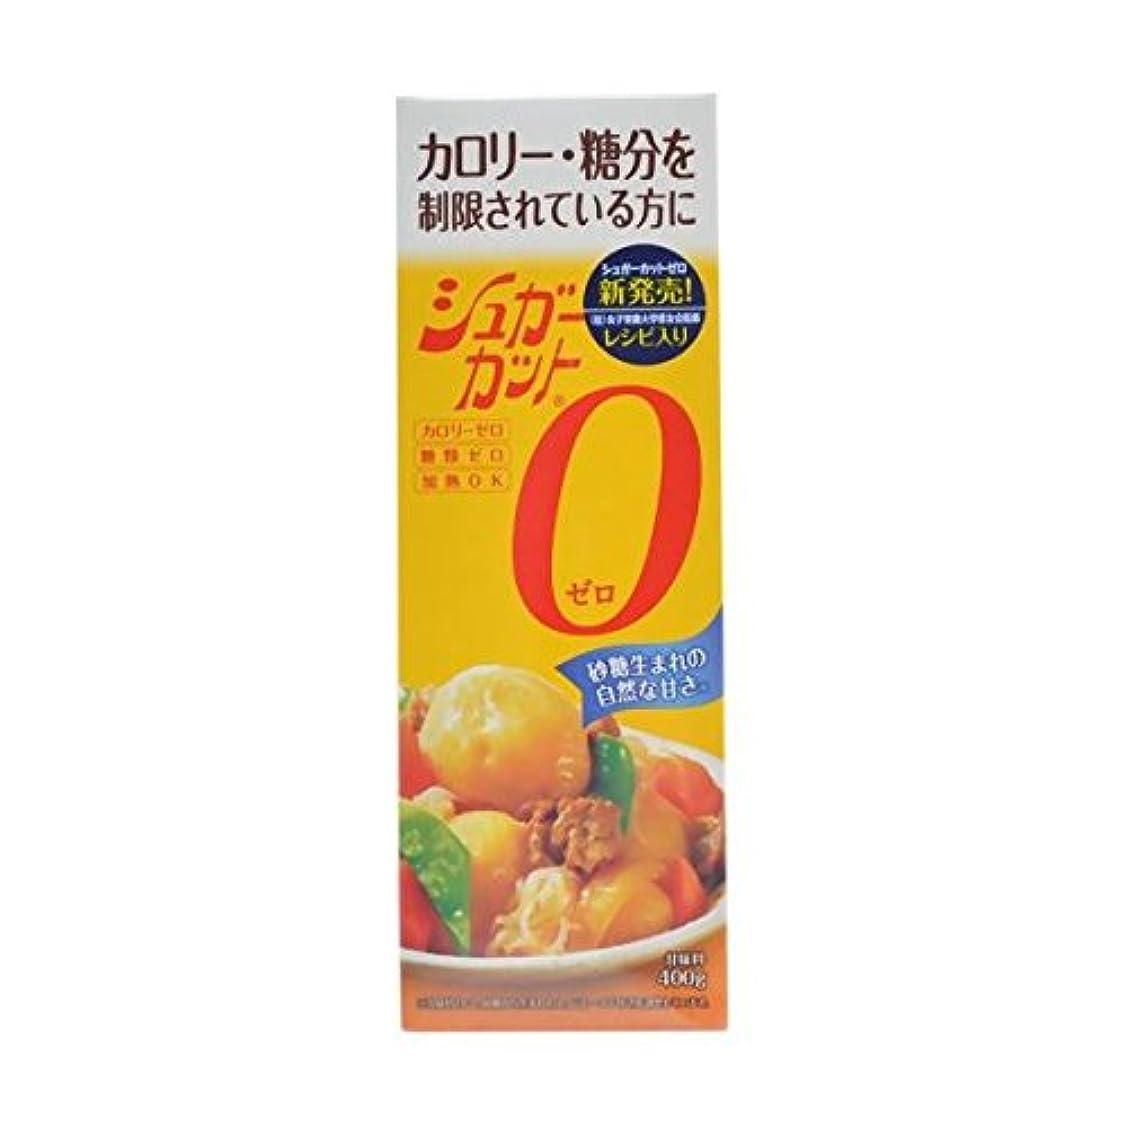 監査手書き豊かな浅田飴 シュガーカットゼロ 400g【2個セット】